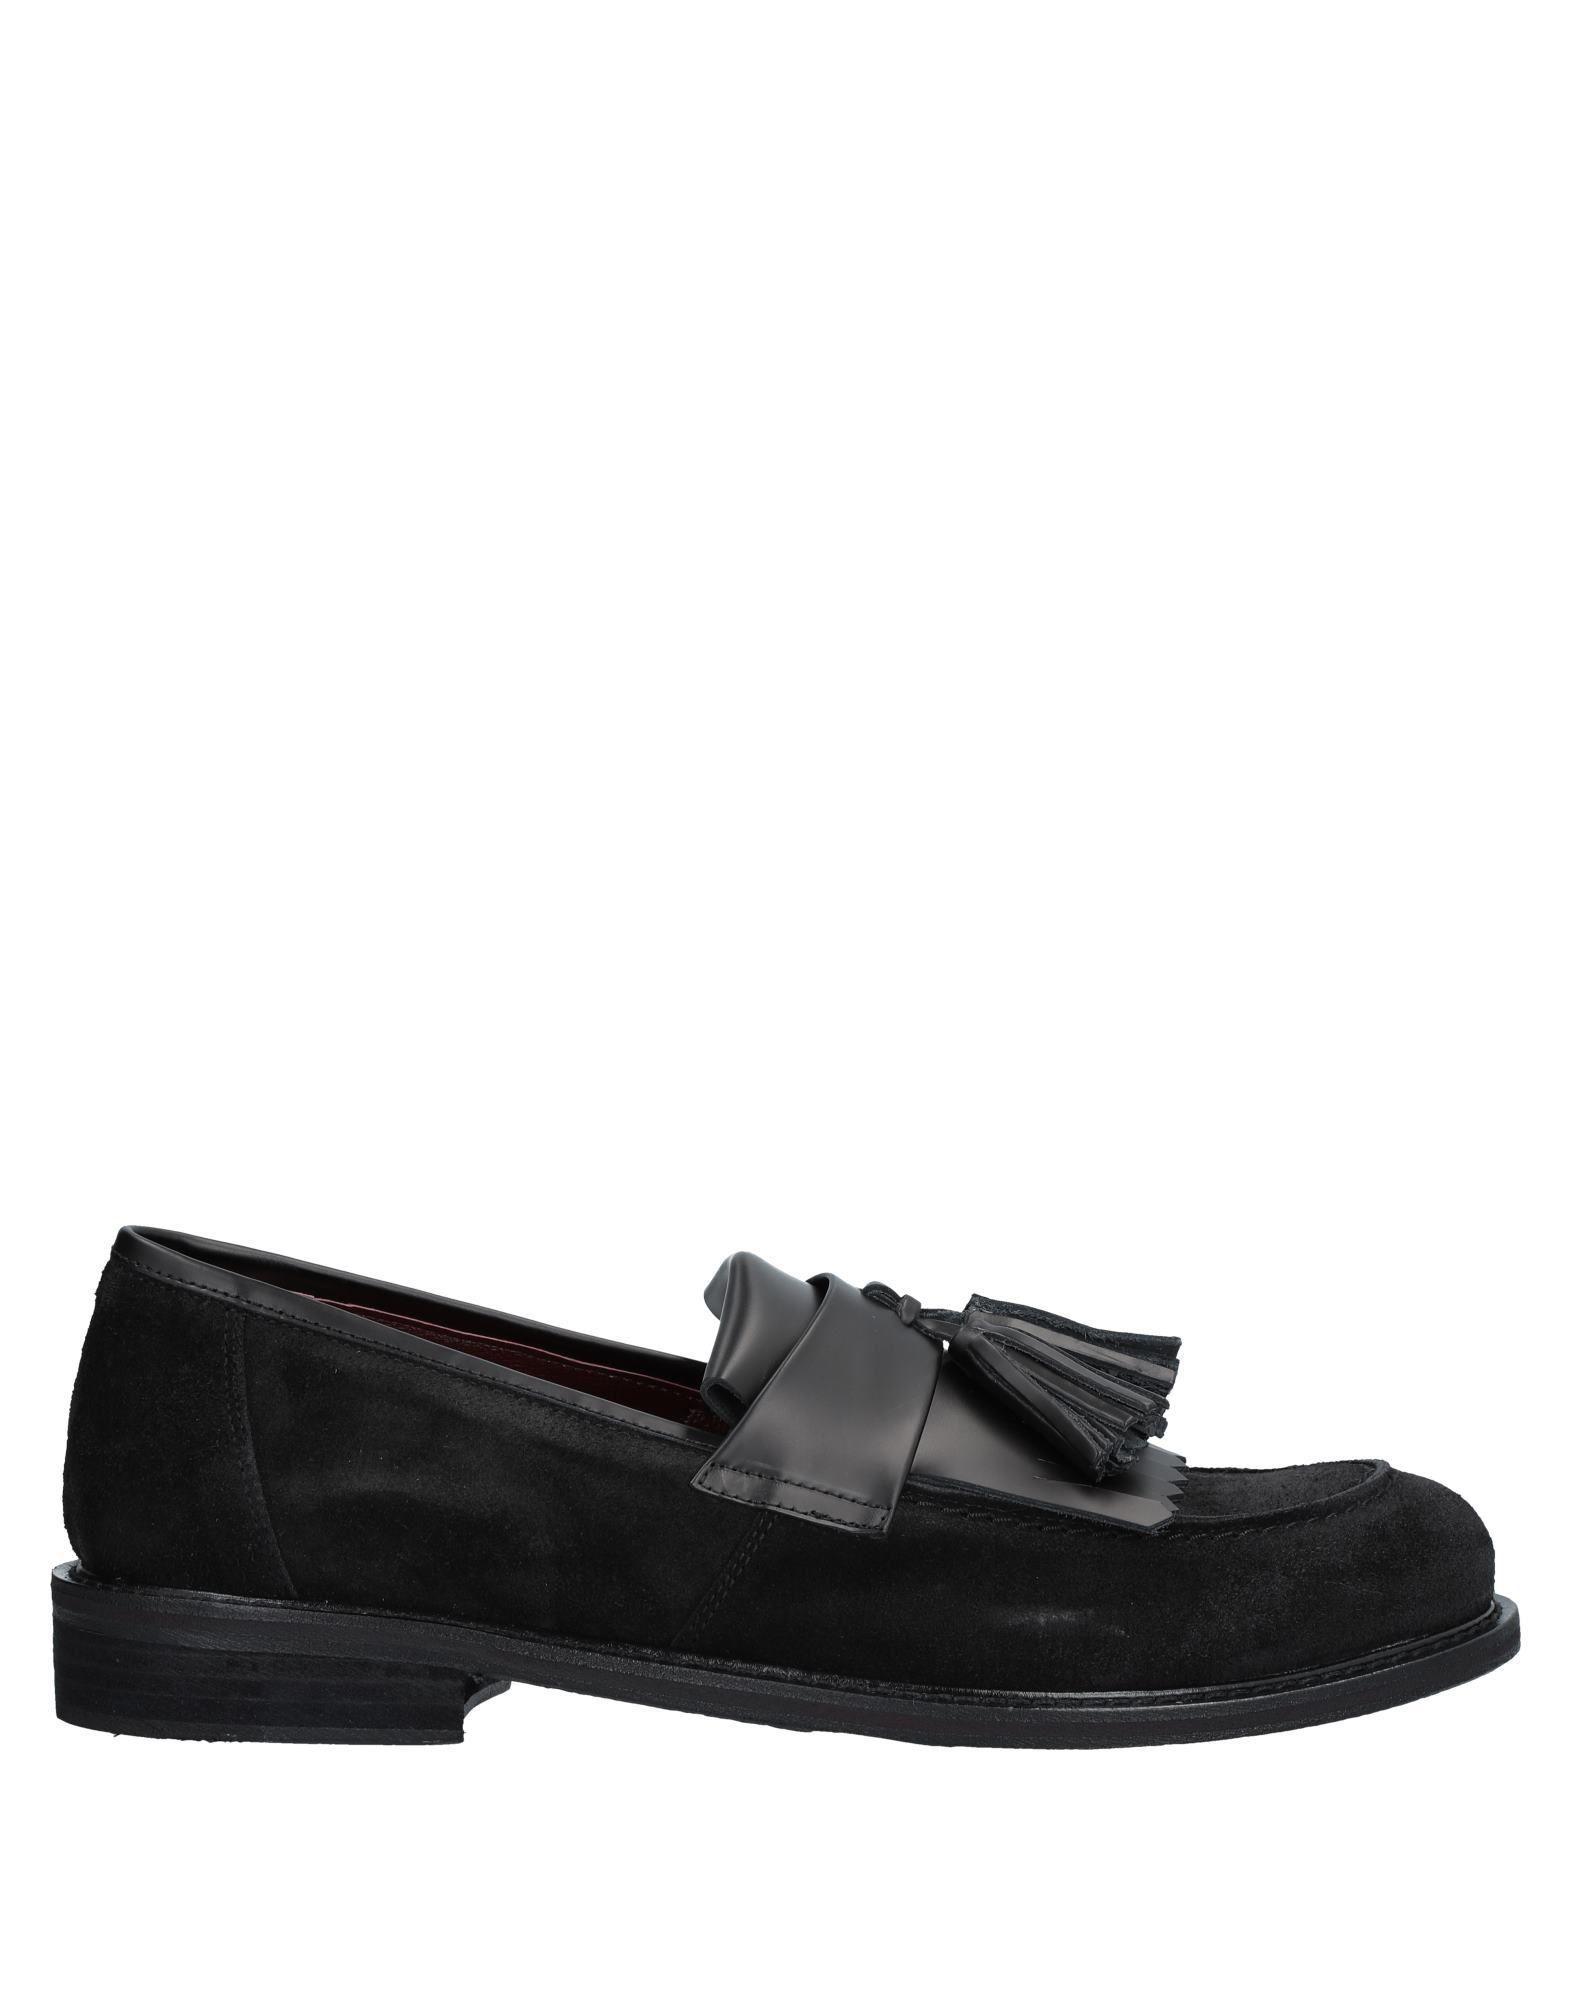 Tsd12 Mokassins Herren  11540603NO Gute Qualität beliebte Schuhe